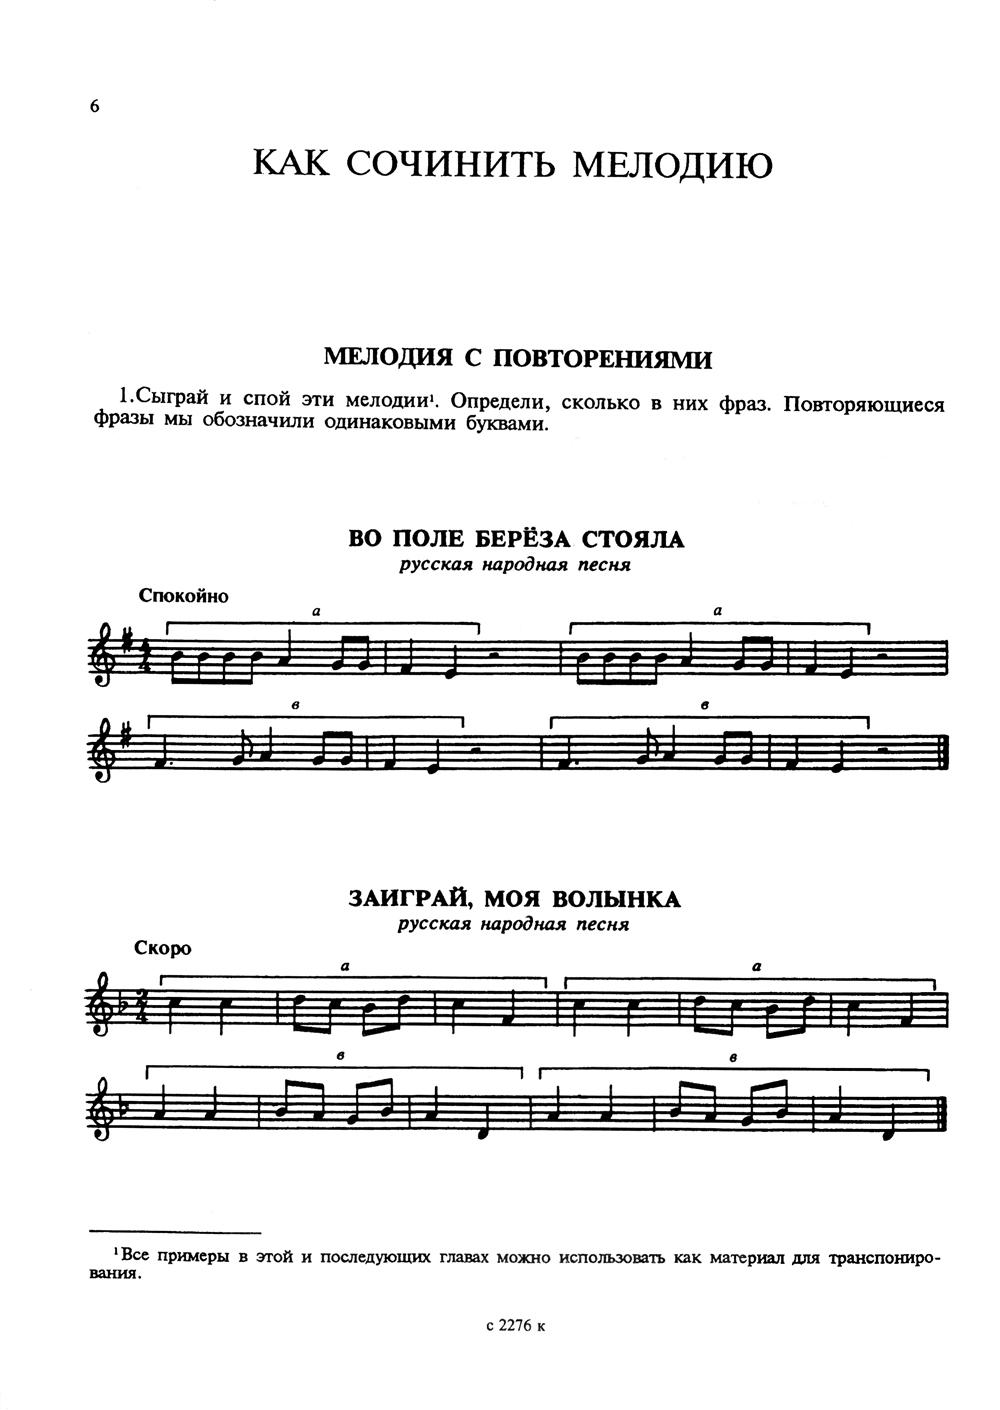 Основные элементы музыкального языка, Музыкальная Фантазия